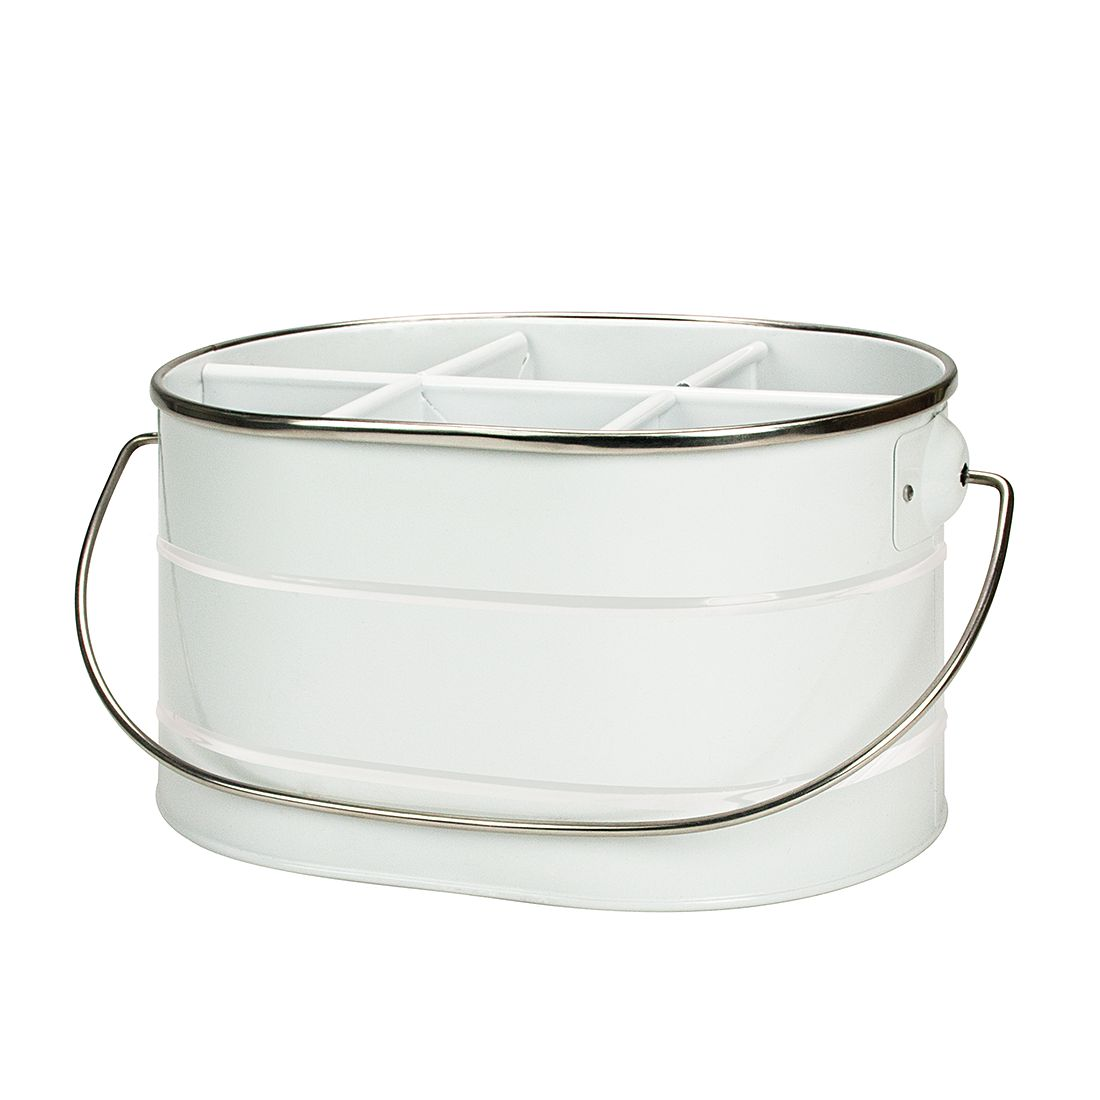 Flaschenträger Eddy – Metall Weiß, Contento günstig